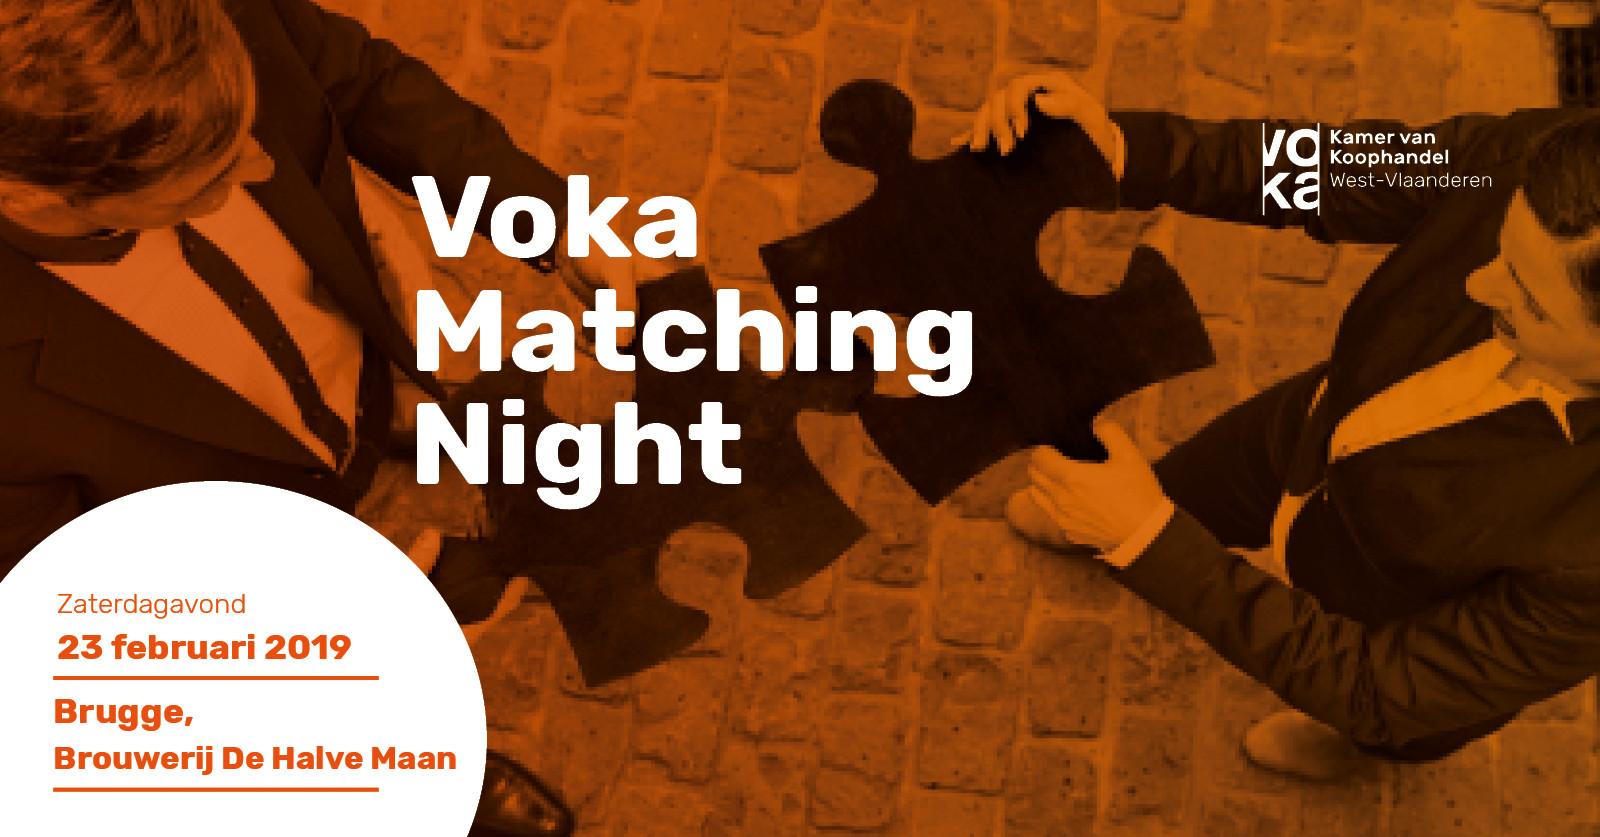 Beeuwsaert Construct op Voka Matching Night